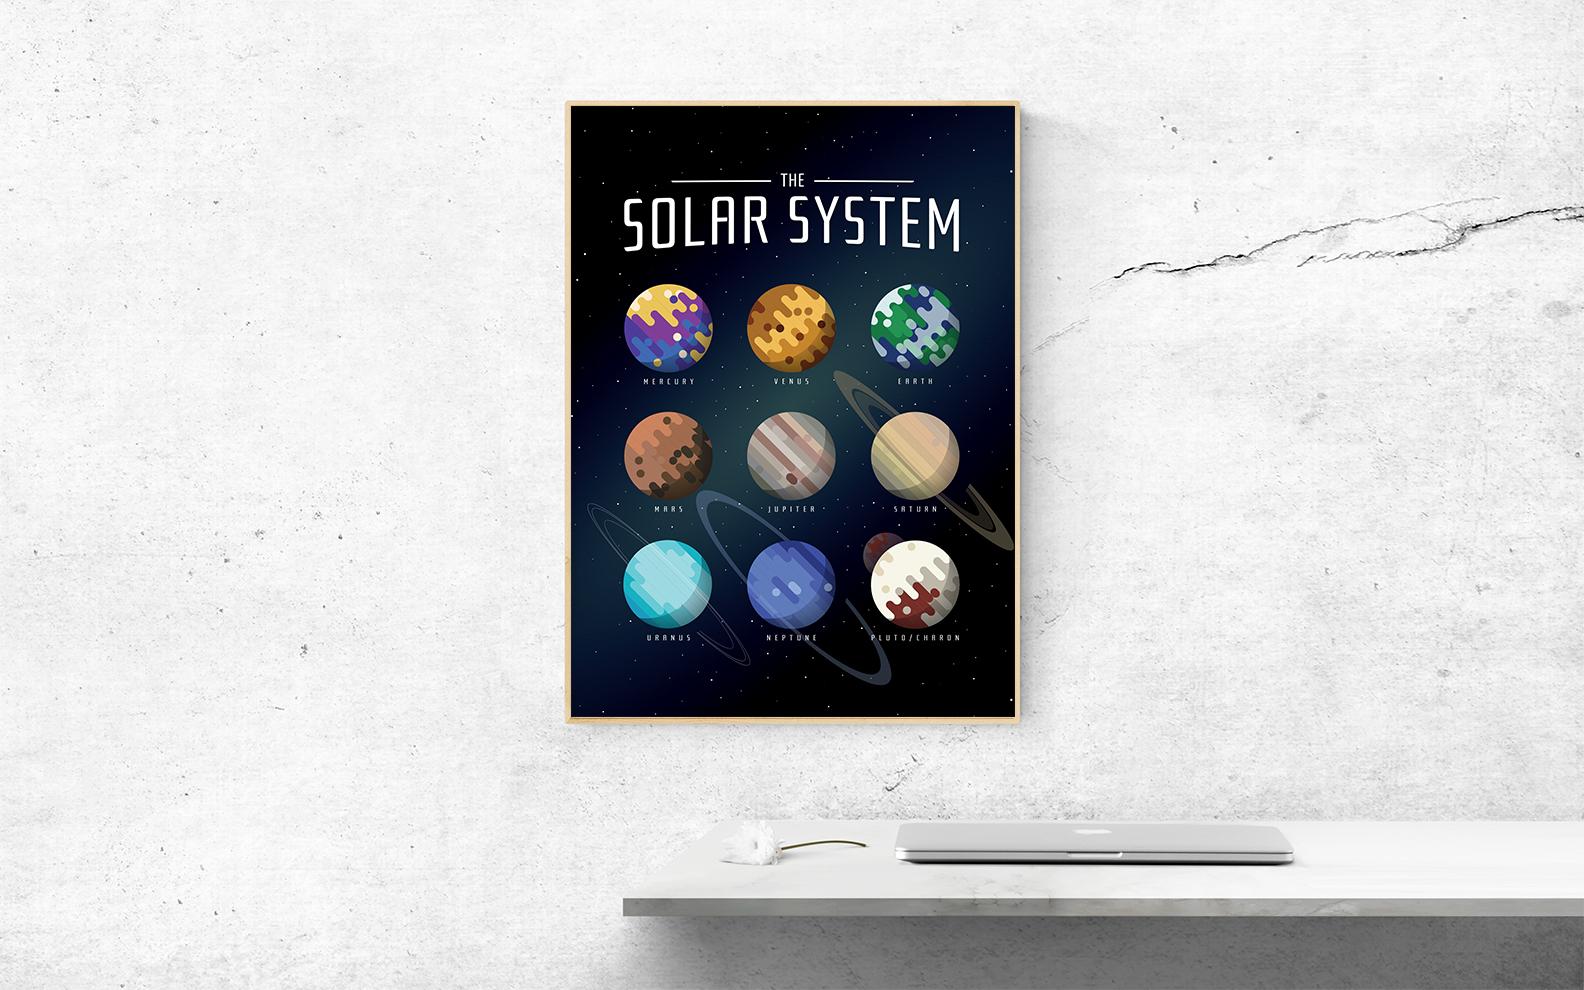 solarsystem_mockup.jpg